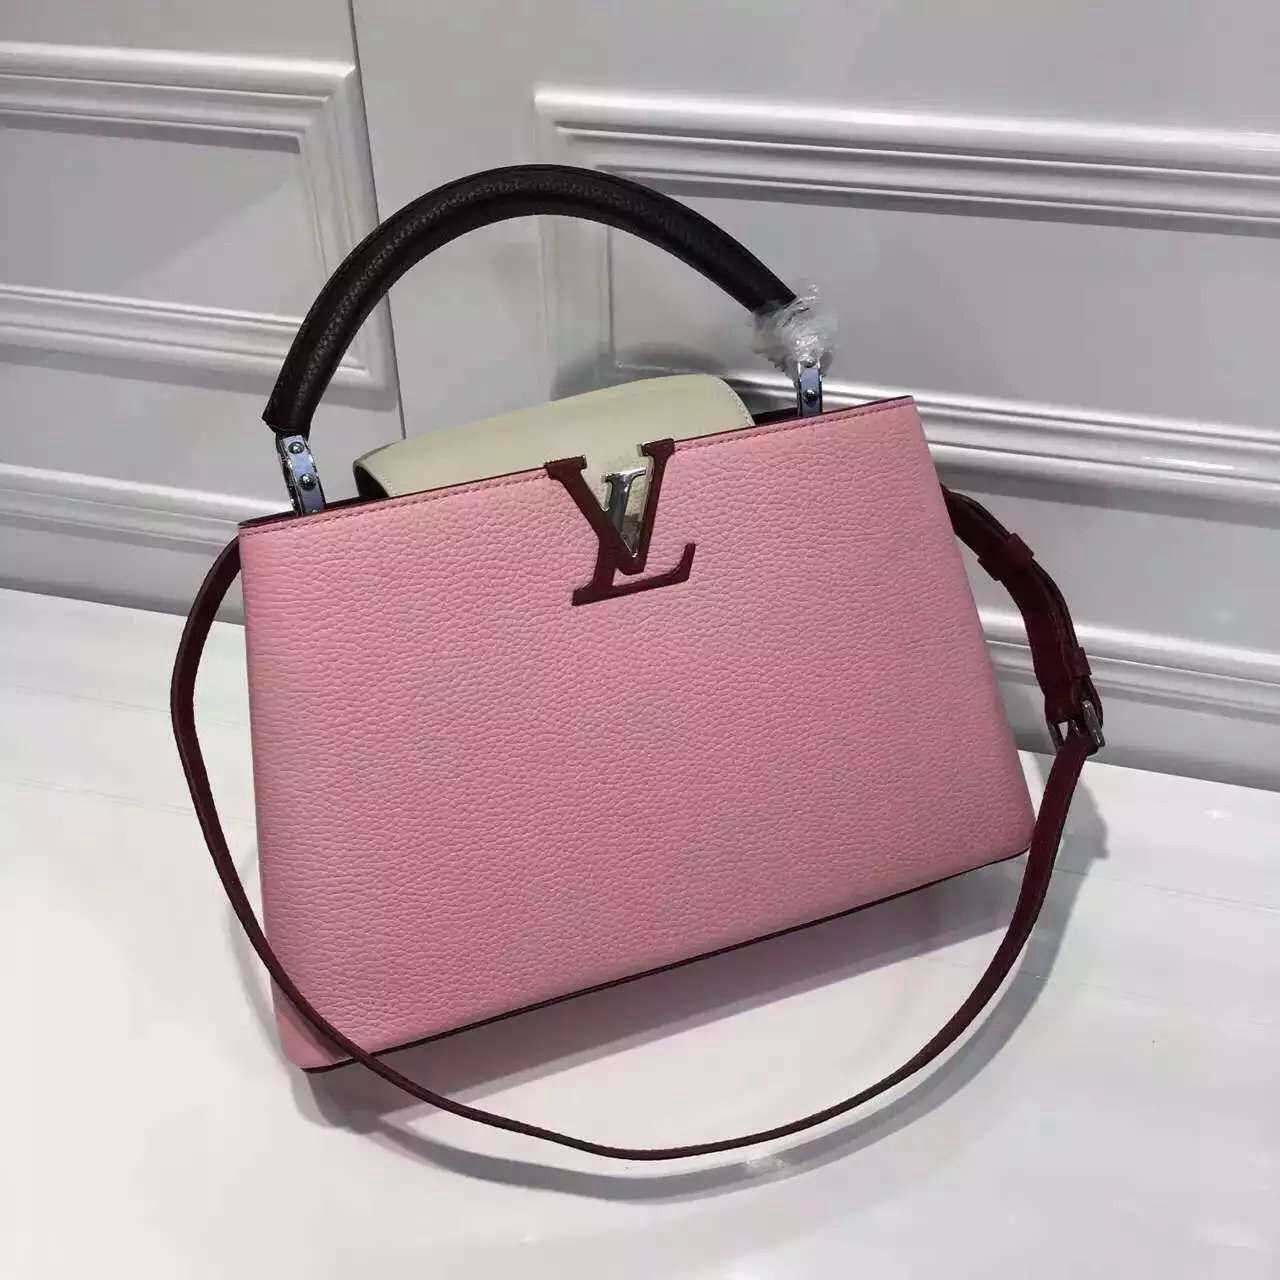 Louis Vuitton Grained Calfskin Multicolor Capucines PM Bag Capucines  Designer Bags For Less, Handbags Online e41ac86d5e